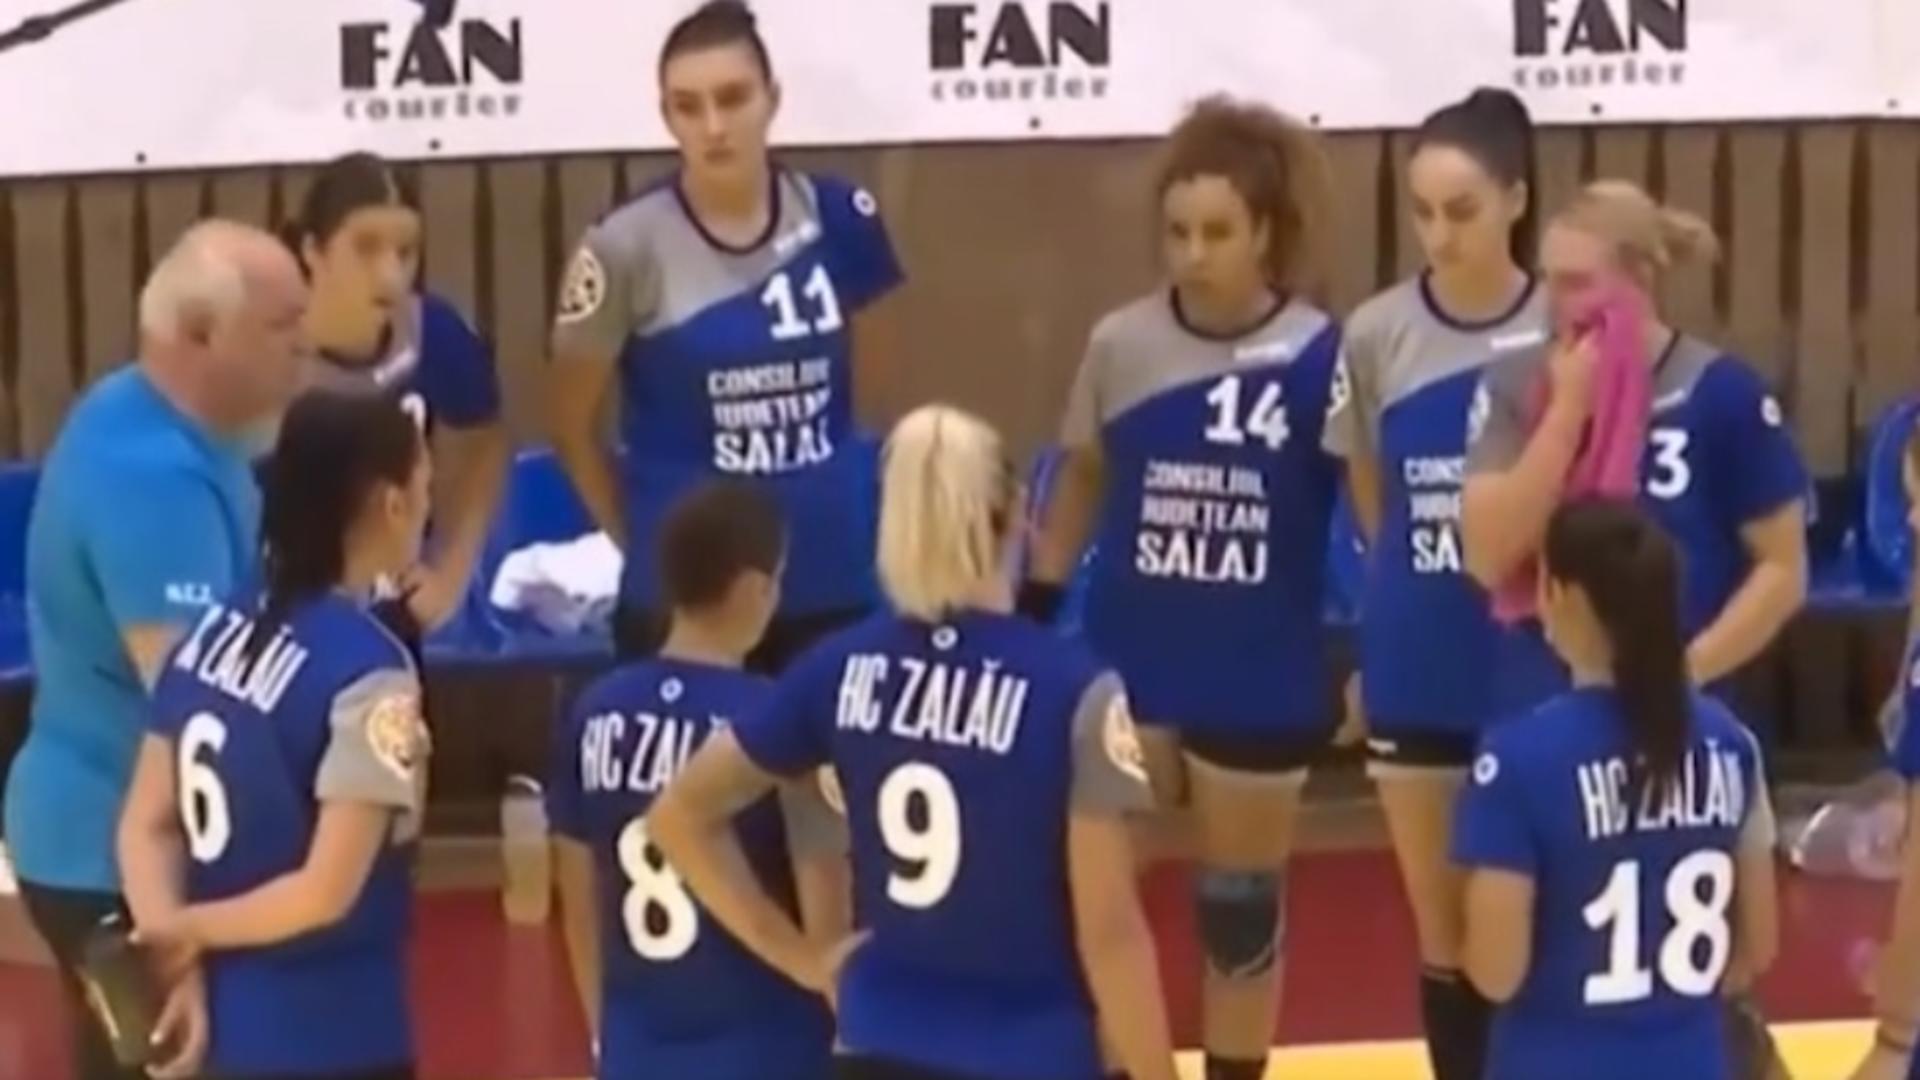 Antrenorul de handbal Gheorghe Tadici le-a adresat jigniri jucătoarelor de la Zalău